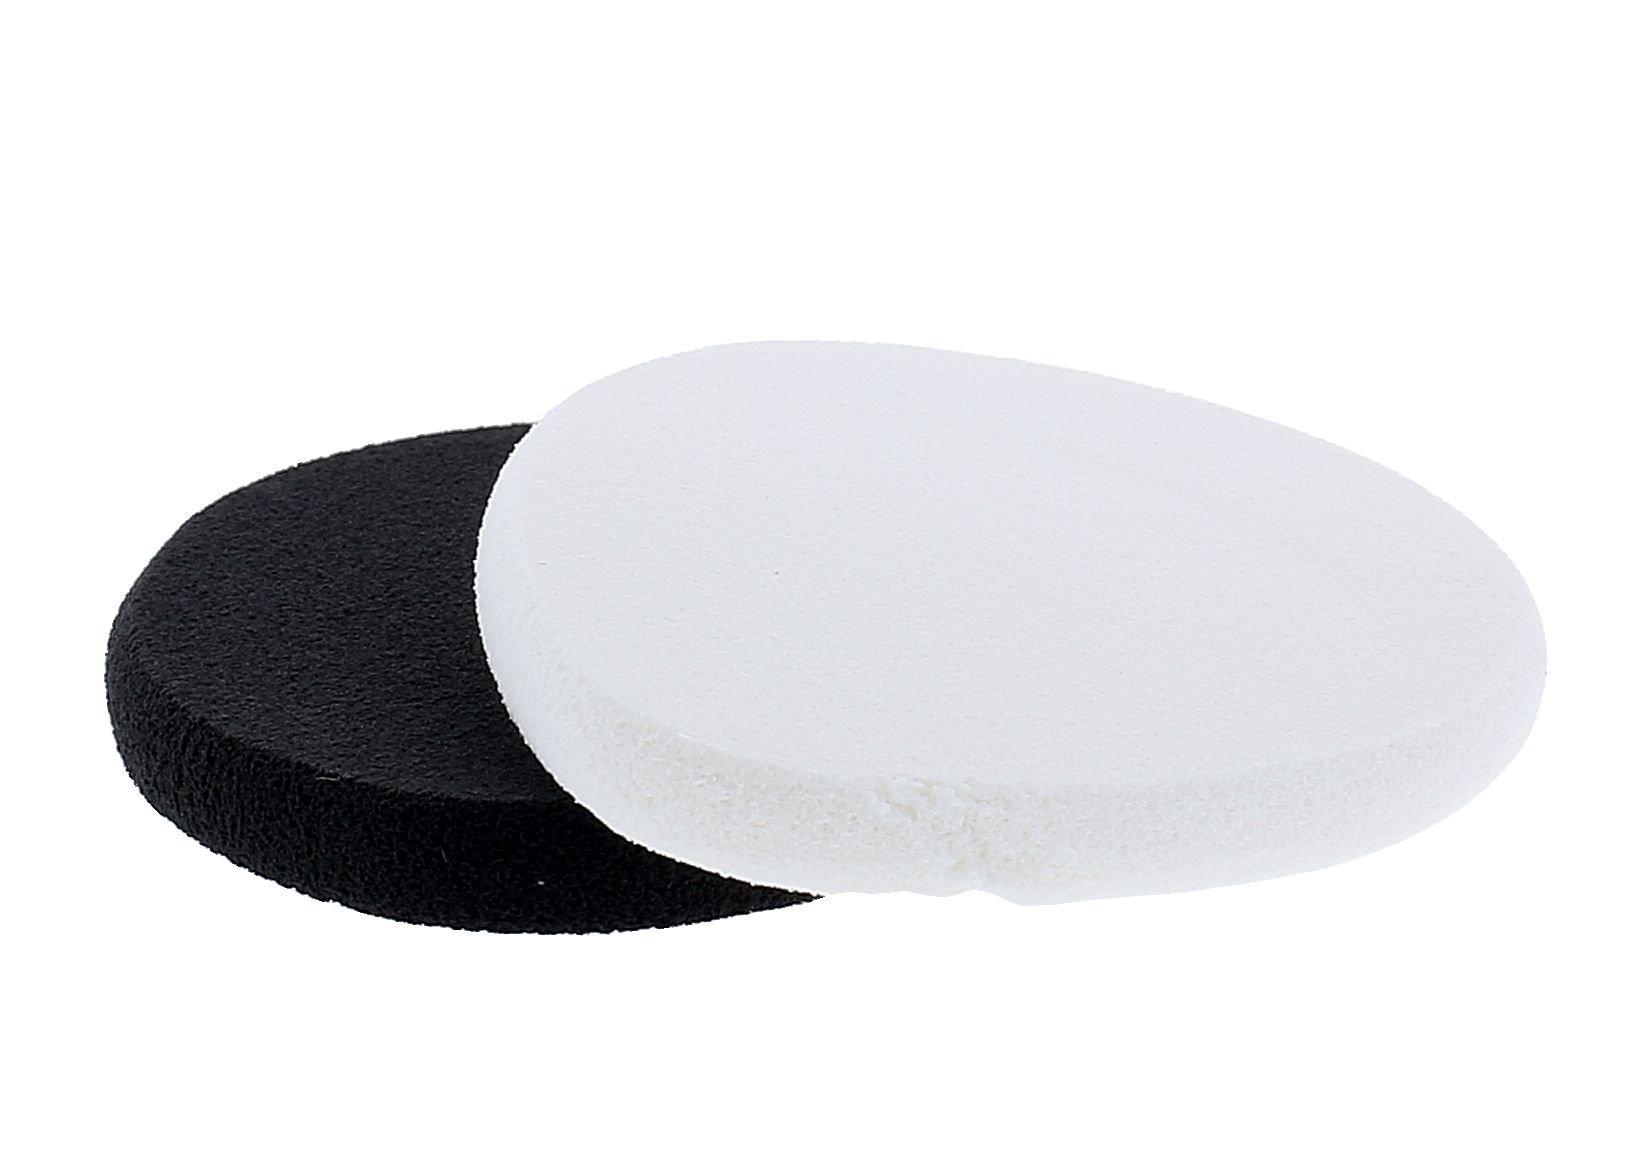 Sefiros Make-Up Sponge Cosmetic 2ks Black & White